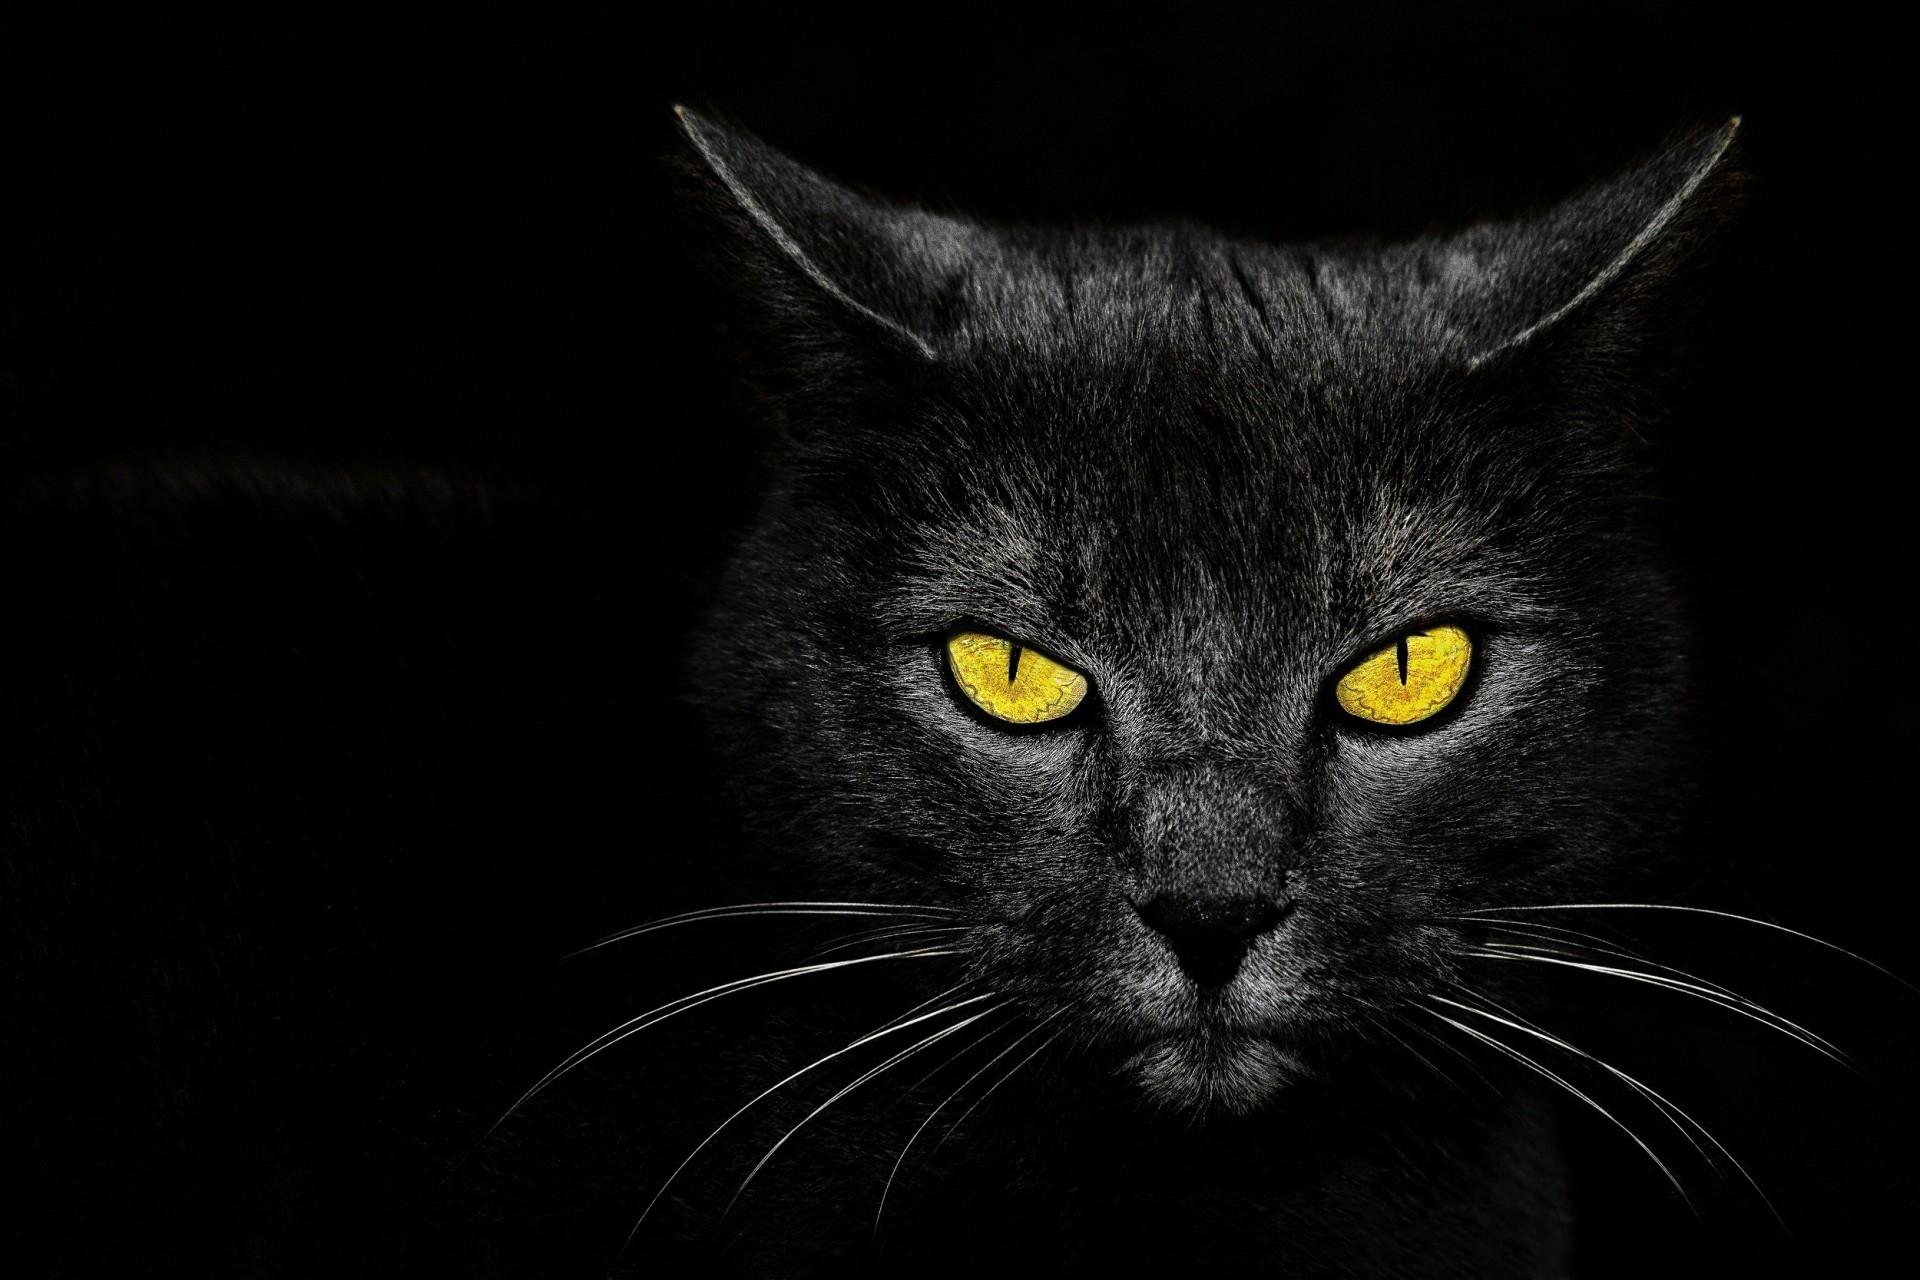 обои на рабочий стол глаза кошки на темном фоне № 237957 загрузить